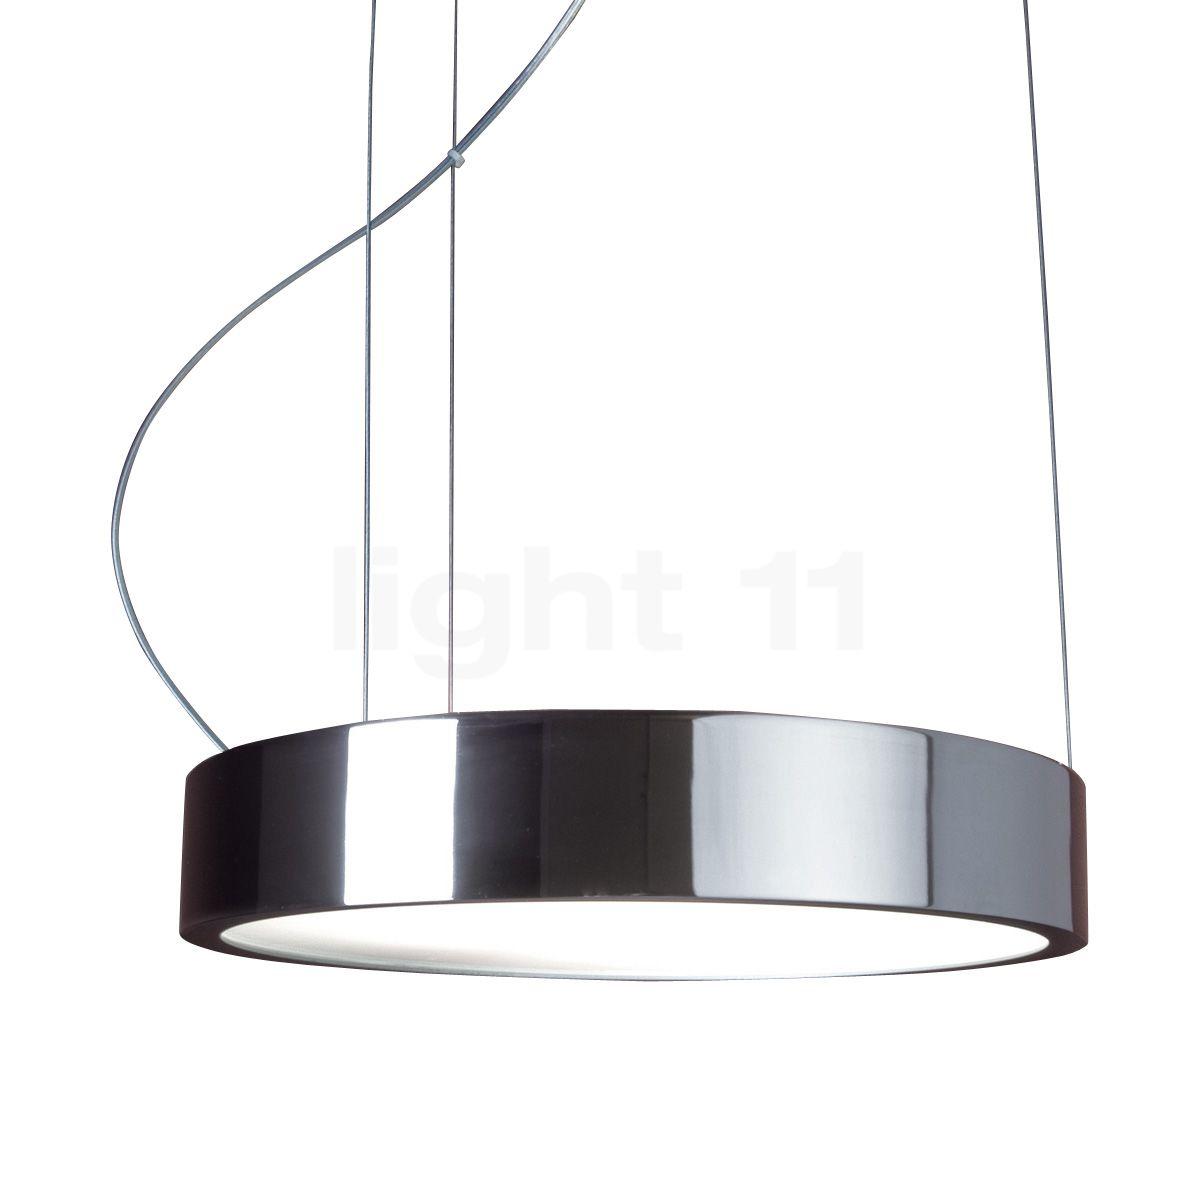 absolut lighting aluring pendelleuchte kaufen bei. Black Bedroom Furniture Sets. Home Design Ideas